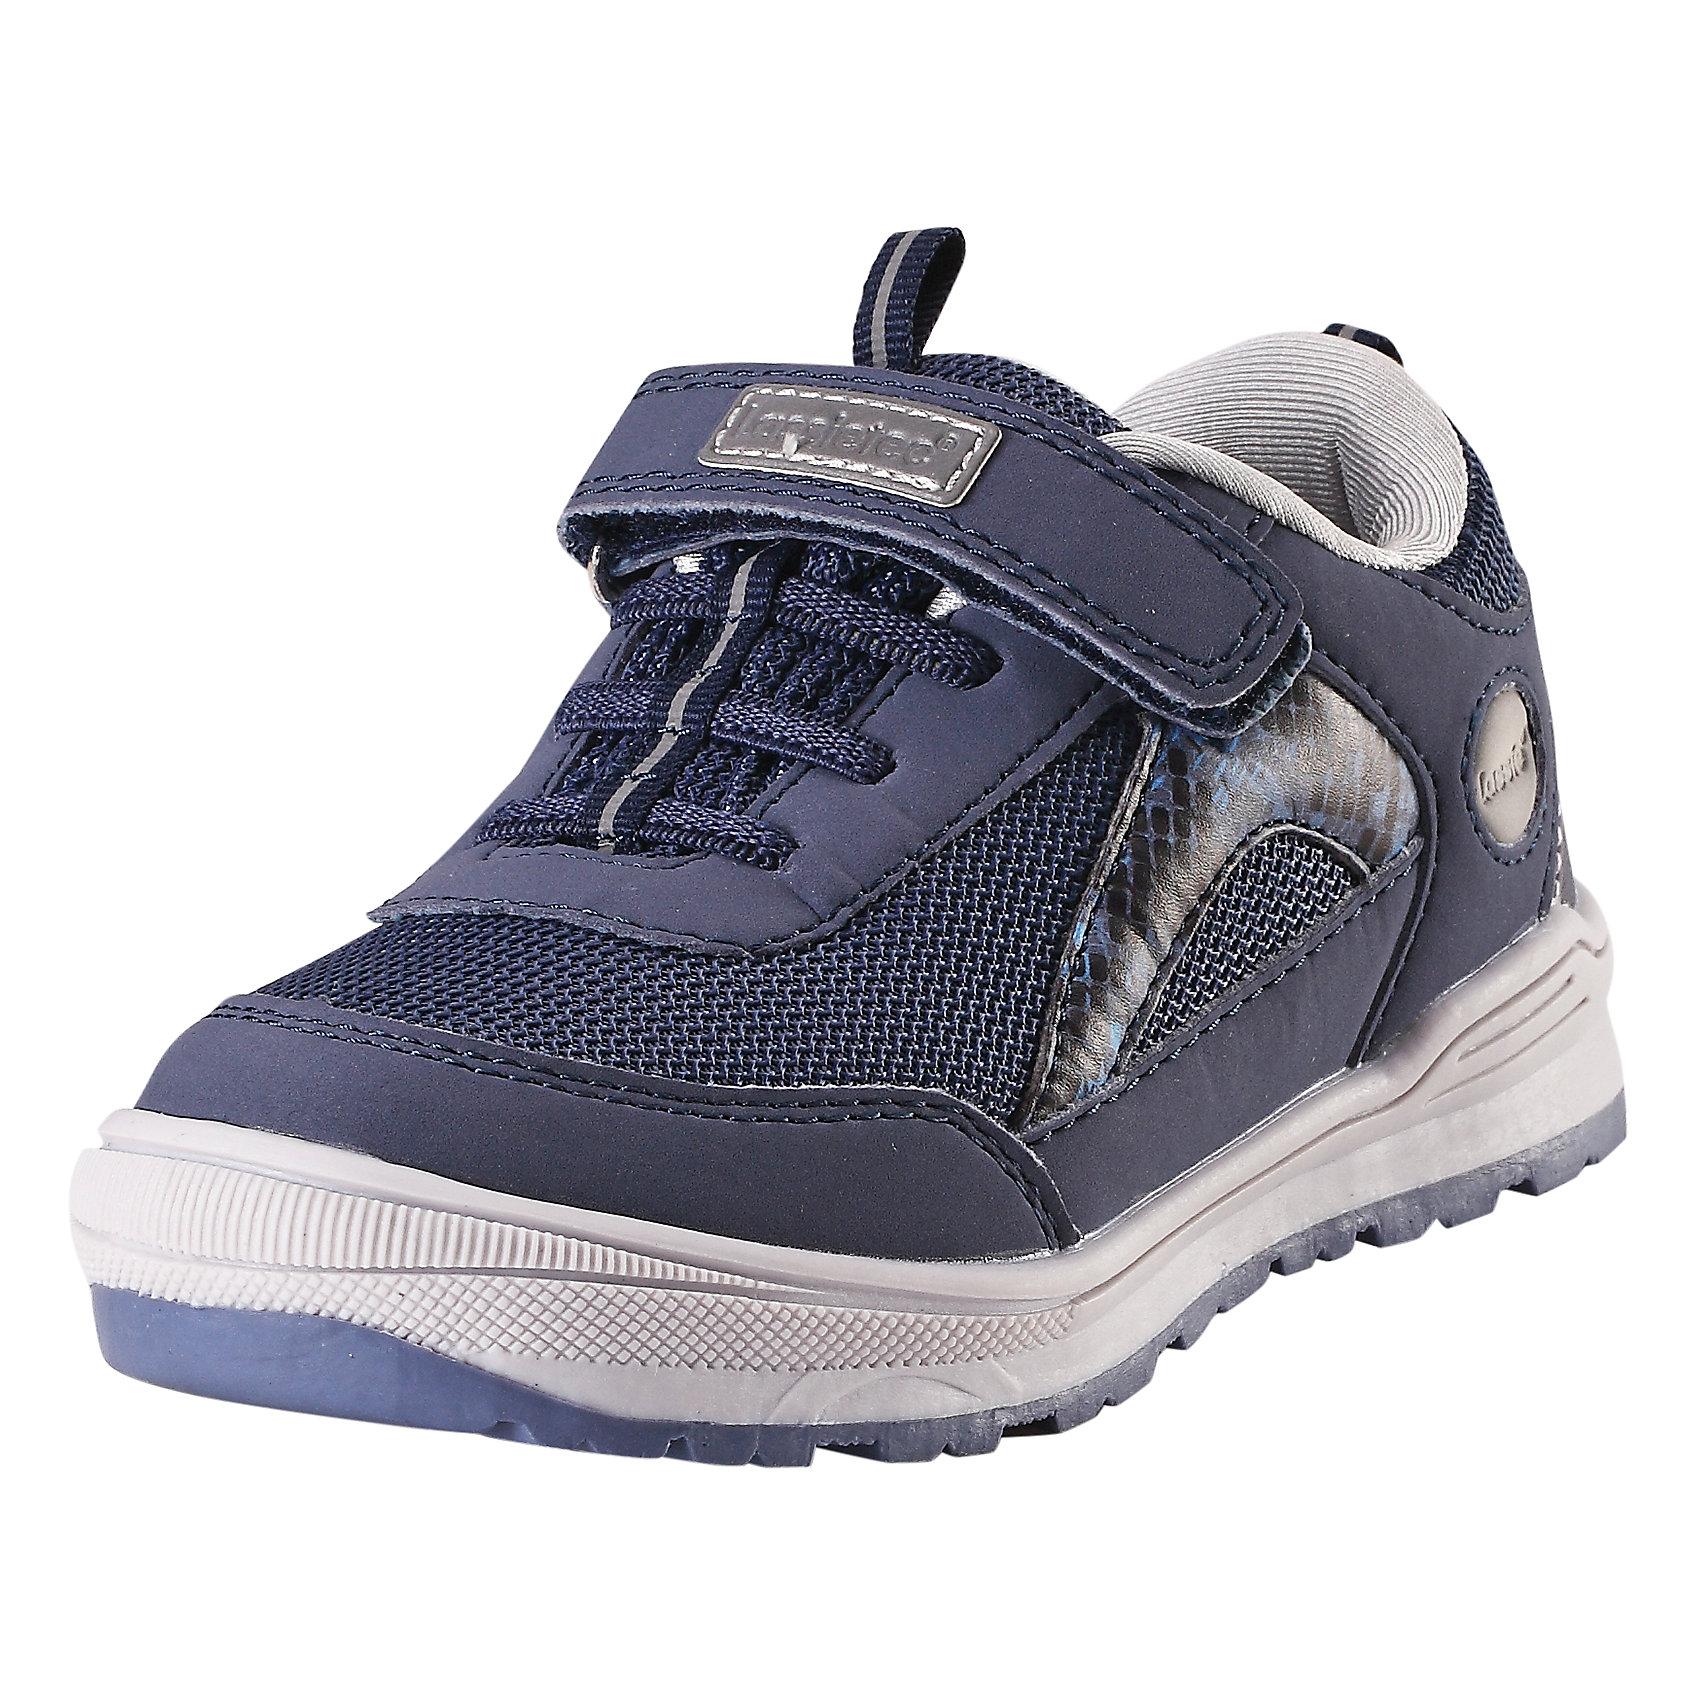 Кроссовки LASSIEОбувь<br>Характеристики товара:<br><br>• цвет: синий<br>• состав: верх - ПУ/ПЭ, подошва - резина термопластичная<br>• застежка: липучка, шнуровка<br>• мягкая текстильная подкладка<br>• усиленные пятка и носок<br>• съемные стельки<br>• светоотражающие детали<br>• страна производства: Китай<br>• страна бренда: Финляндия<br>• коллекция: весна-лето 2017<br><br>Демисезонная обувь может быть модной и комфортной одновременно! Удобные стильные кроссовки помогут обеспечить ребенку комфорт и дополнить наряд. Они отлично смотрятся с различной одеждой. Кроссовки удобно сидят на ноге и аккуратно смотрятся. Легко чистятся и долго служат. Продуманная конструкция разрабатывалась специально для детей.<br><br>Обувь и одежда от финского бренда LASSIE пользуются популярностью во многих странах. Они стильные, качественные и удобные. Для производства продукции используются только безопасные, проверенные материалы и фурнитура. Порадуйте ребенка модными и красивыми вещами от Lassie®! <br><br>Кроссовки от финского бренда LASSIE можно купить в нашем интернет-магазине.<br><br>Ширина мм: 262<br>Глубина мм: 176<br>Высота мм: 97<br>Вес г: 427<br>Цвет: синий<br>Возраст от месяцев: 108<br>Возраст до месяцев: 120<br>Пол: Унисекс<br>Возраст: Детский<br>Размер: 33,34,35,24,25,26,27,28,29,30,31,32<br>SKU: 5263331